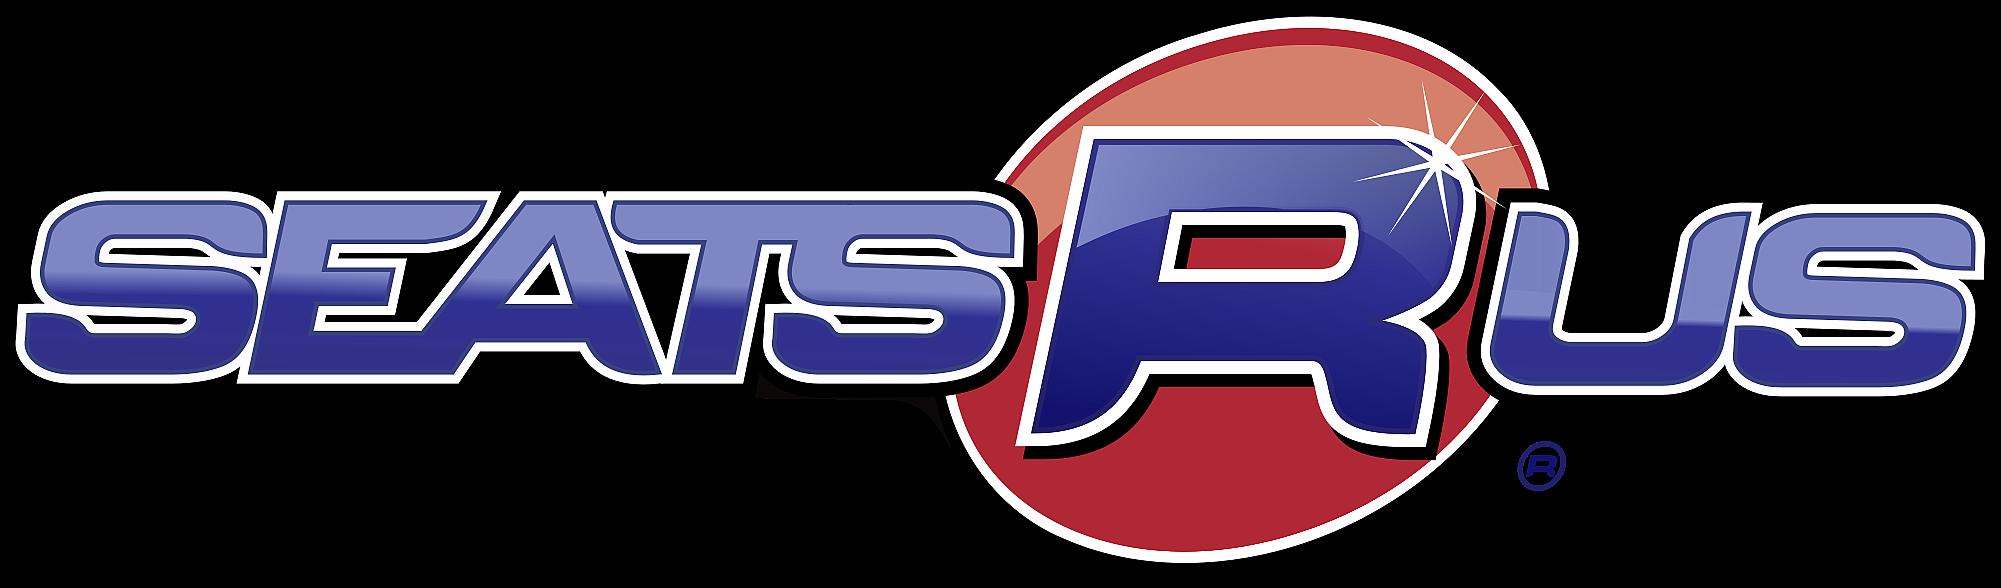 Seat R Us logo